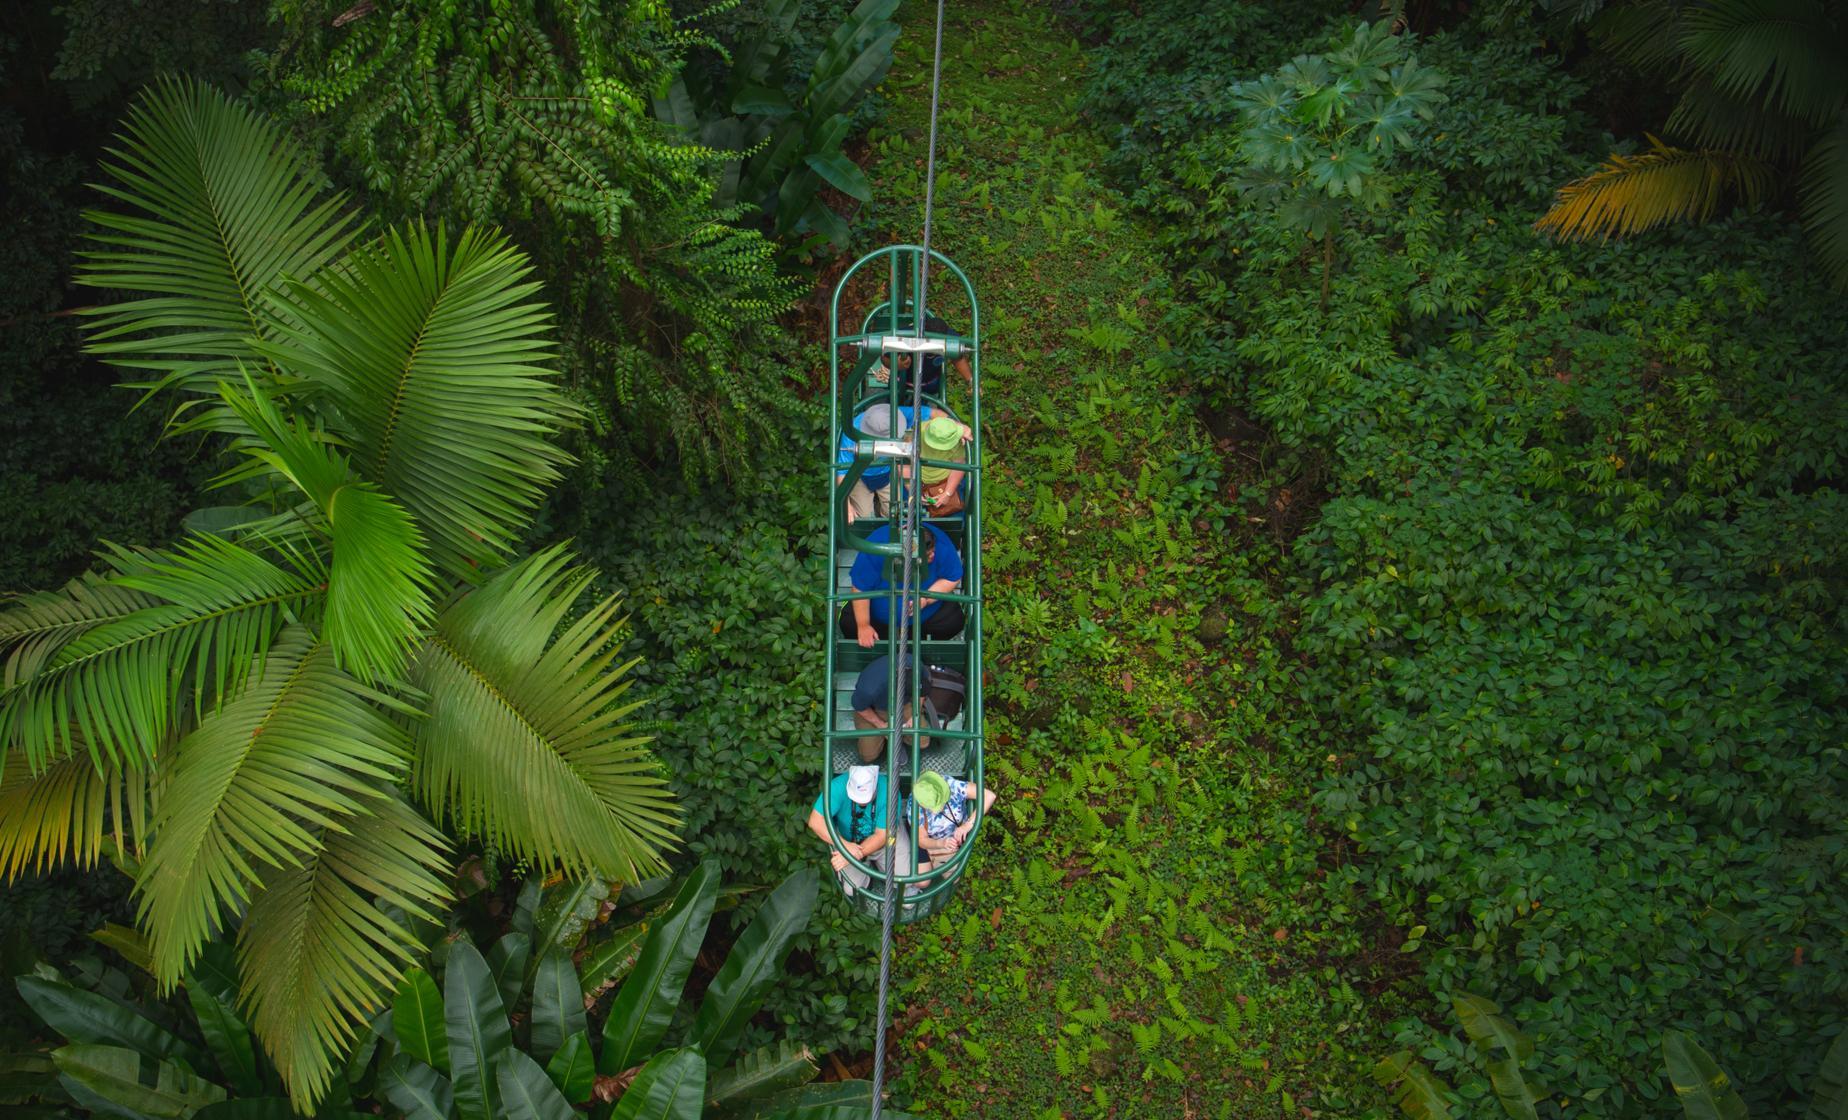 Aerial Tram Adventure